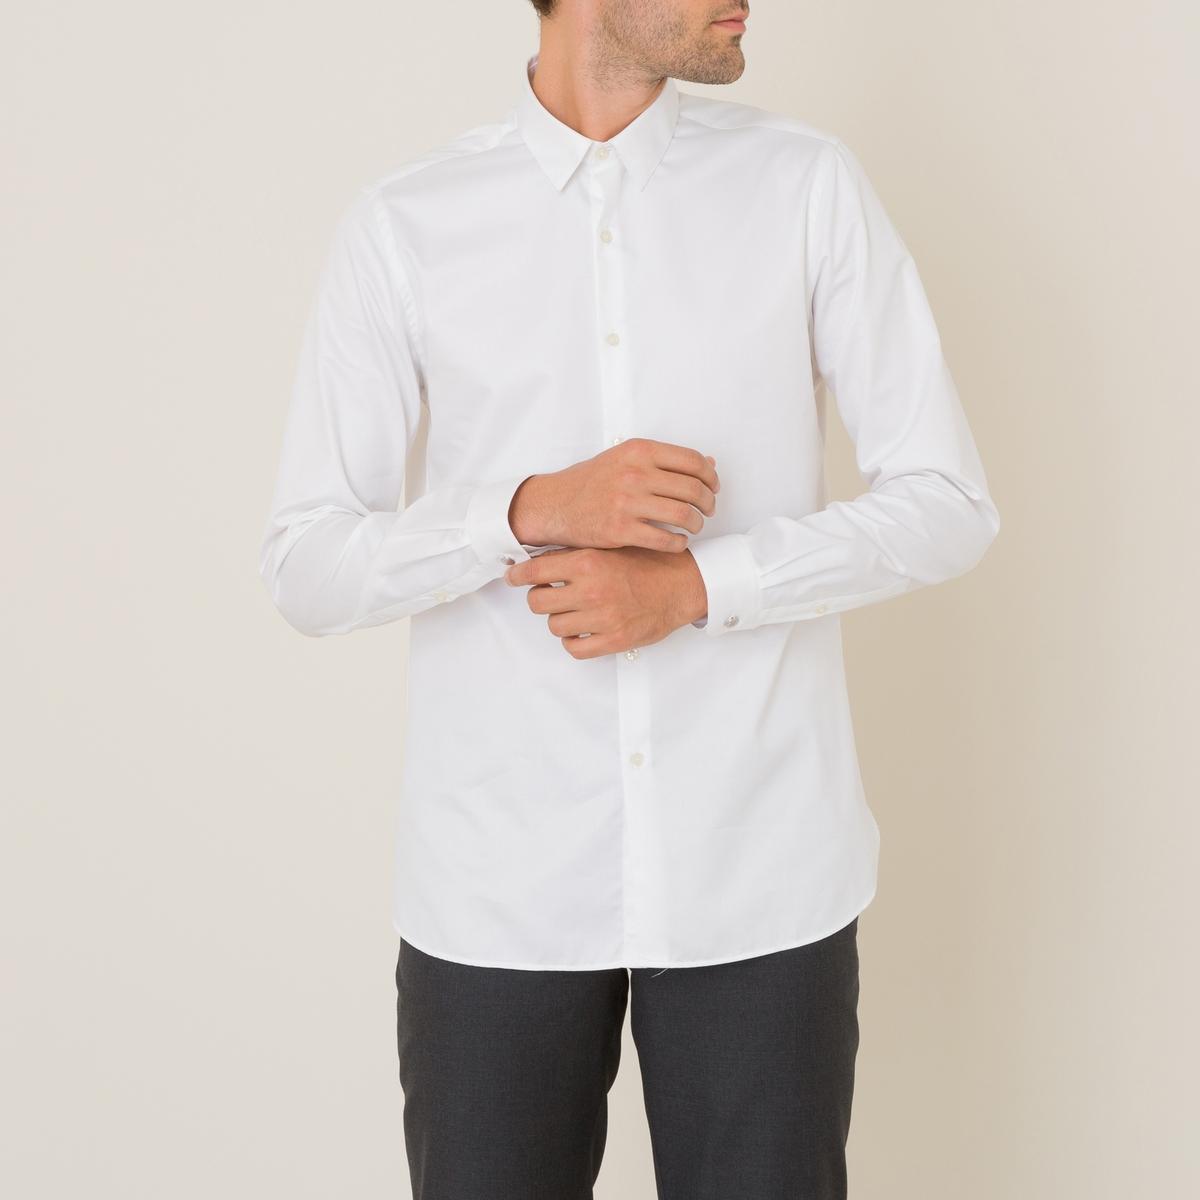 Рубашка из хлопкового твилаРубашка  THE KOOPLES, из хлопкового твила  . Классический воротник. Длинные рукава с пуговицами внизу. Разрез с планкой на пуговицах   . Закругленный низ по бокам. Легкий и струящийся покрой  .Состав и описание Материал : 100% хлопок Марка : THE KOOPLES<br><br>Цвет: белый